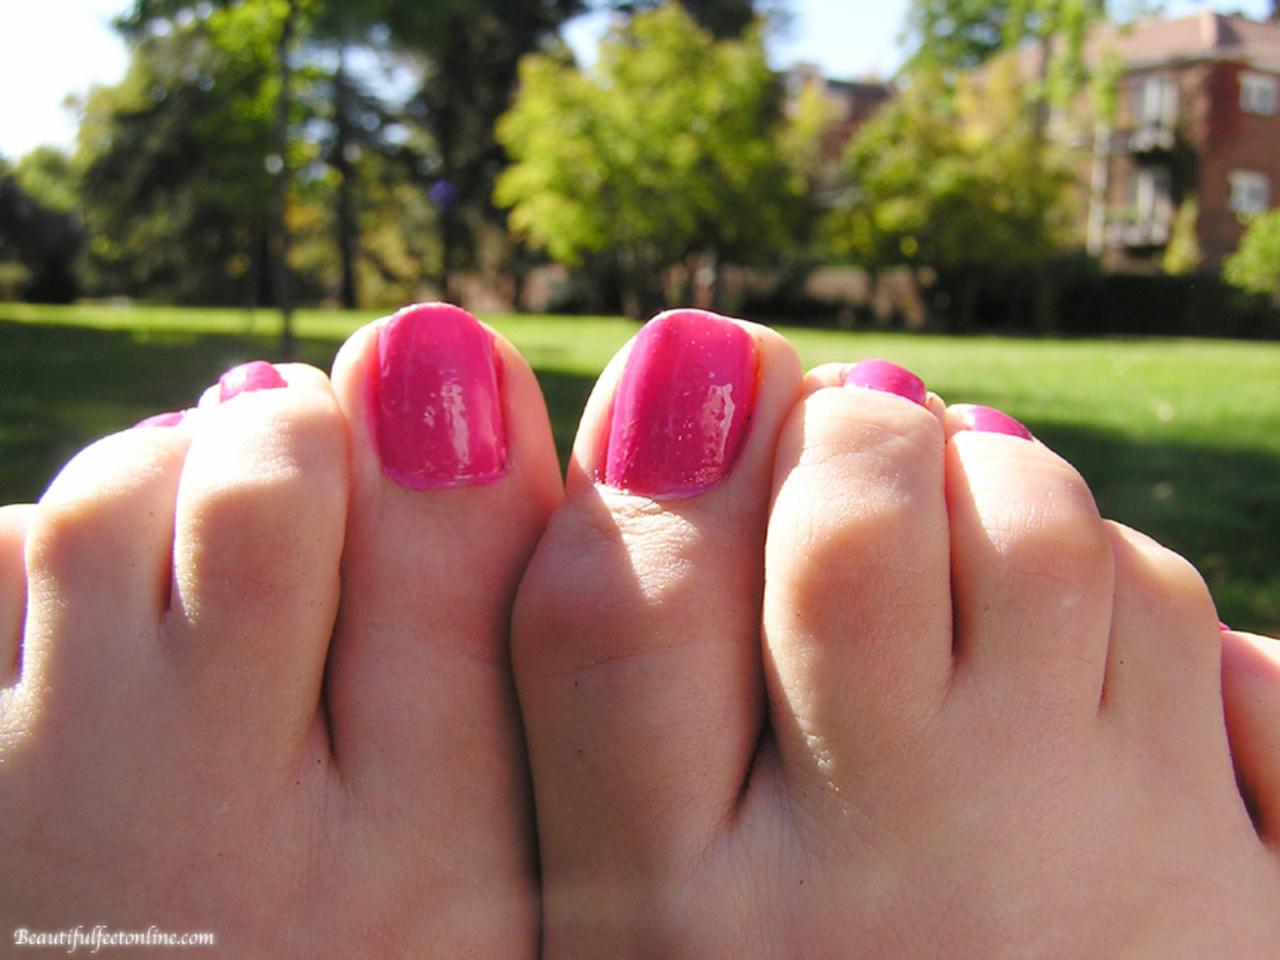 Смотреть фото женских пальчиков ног, Красивые ступни девушек это прекрасно (фото.) 15 фотография